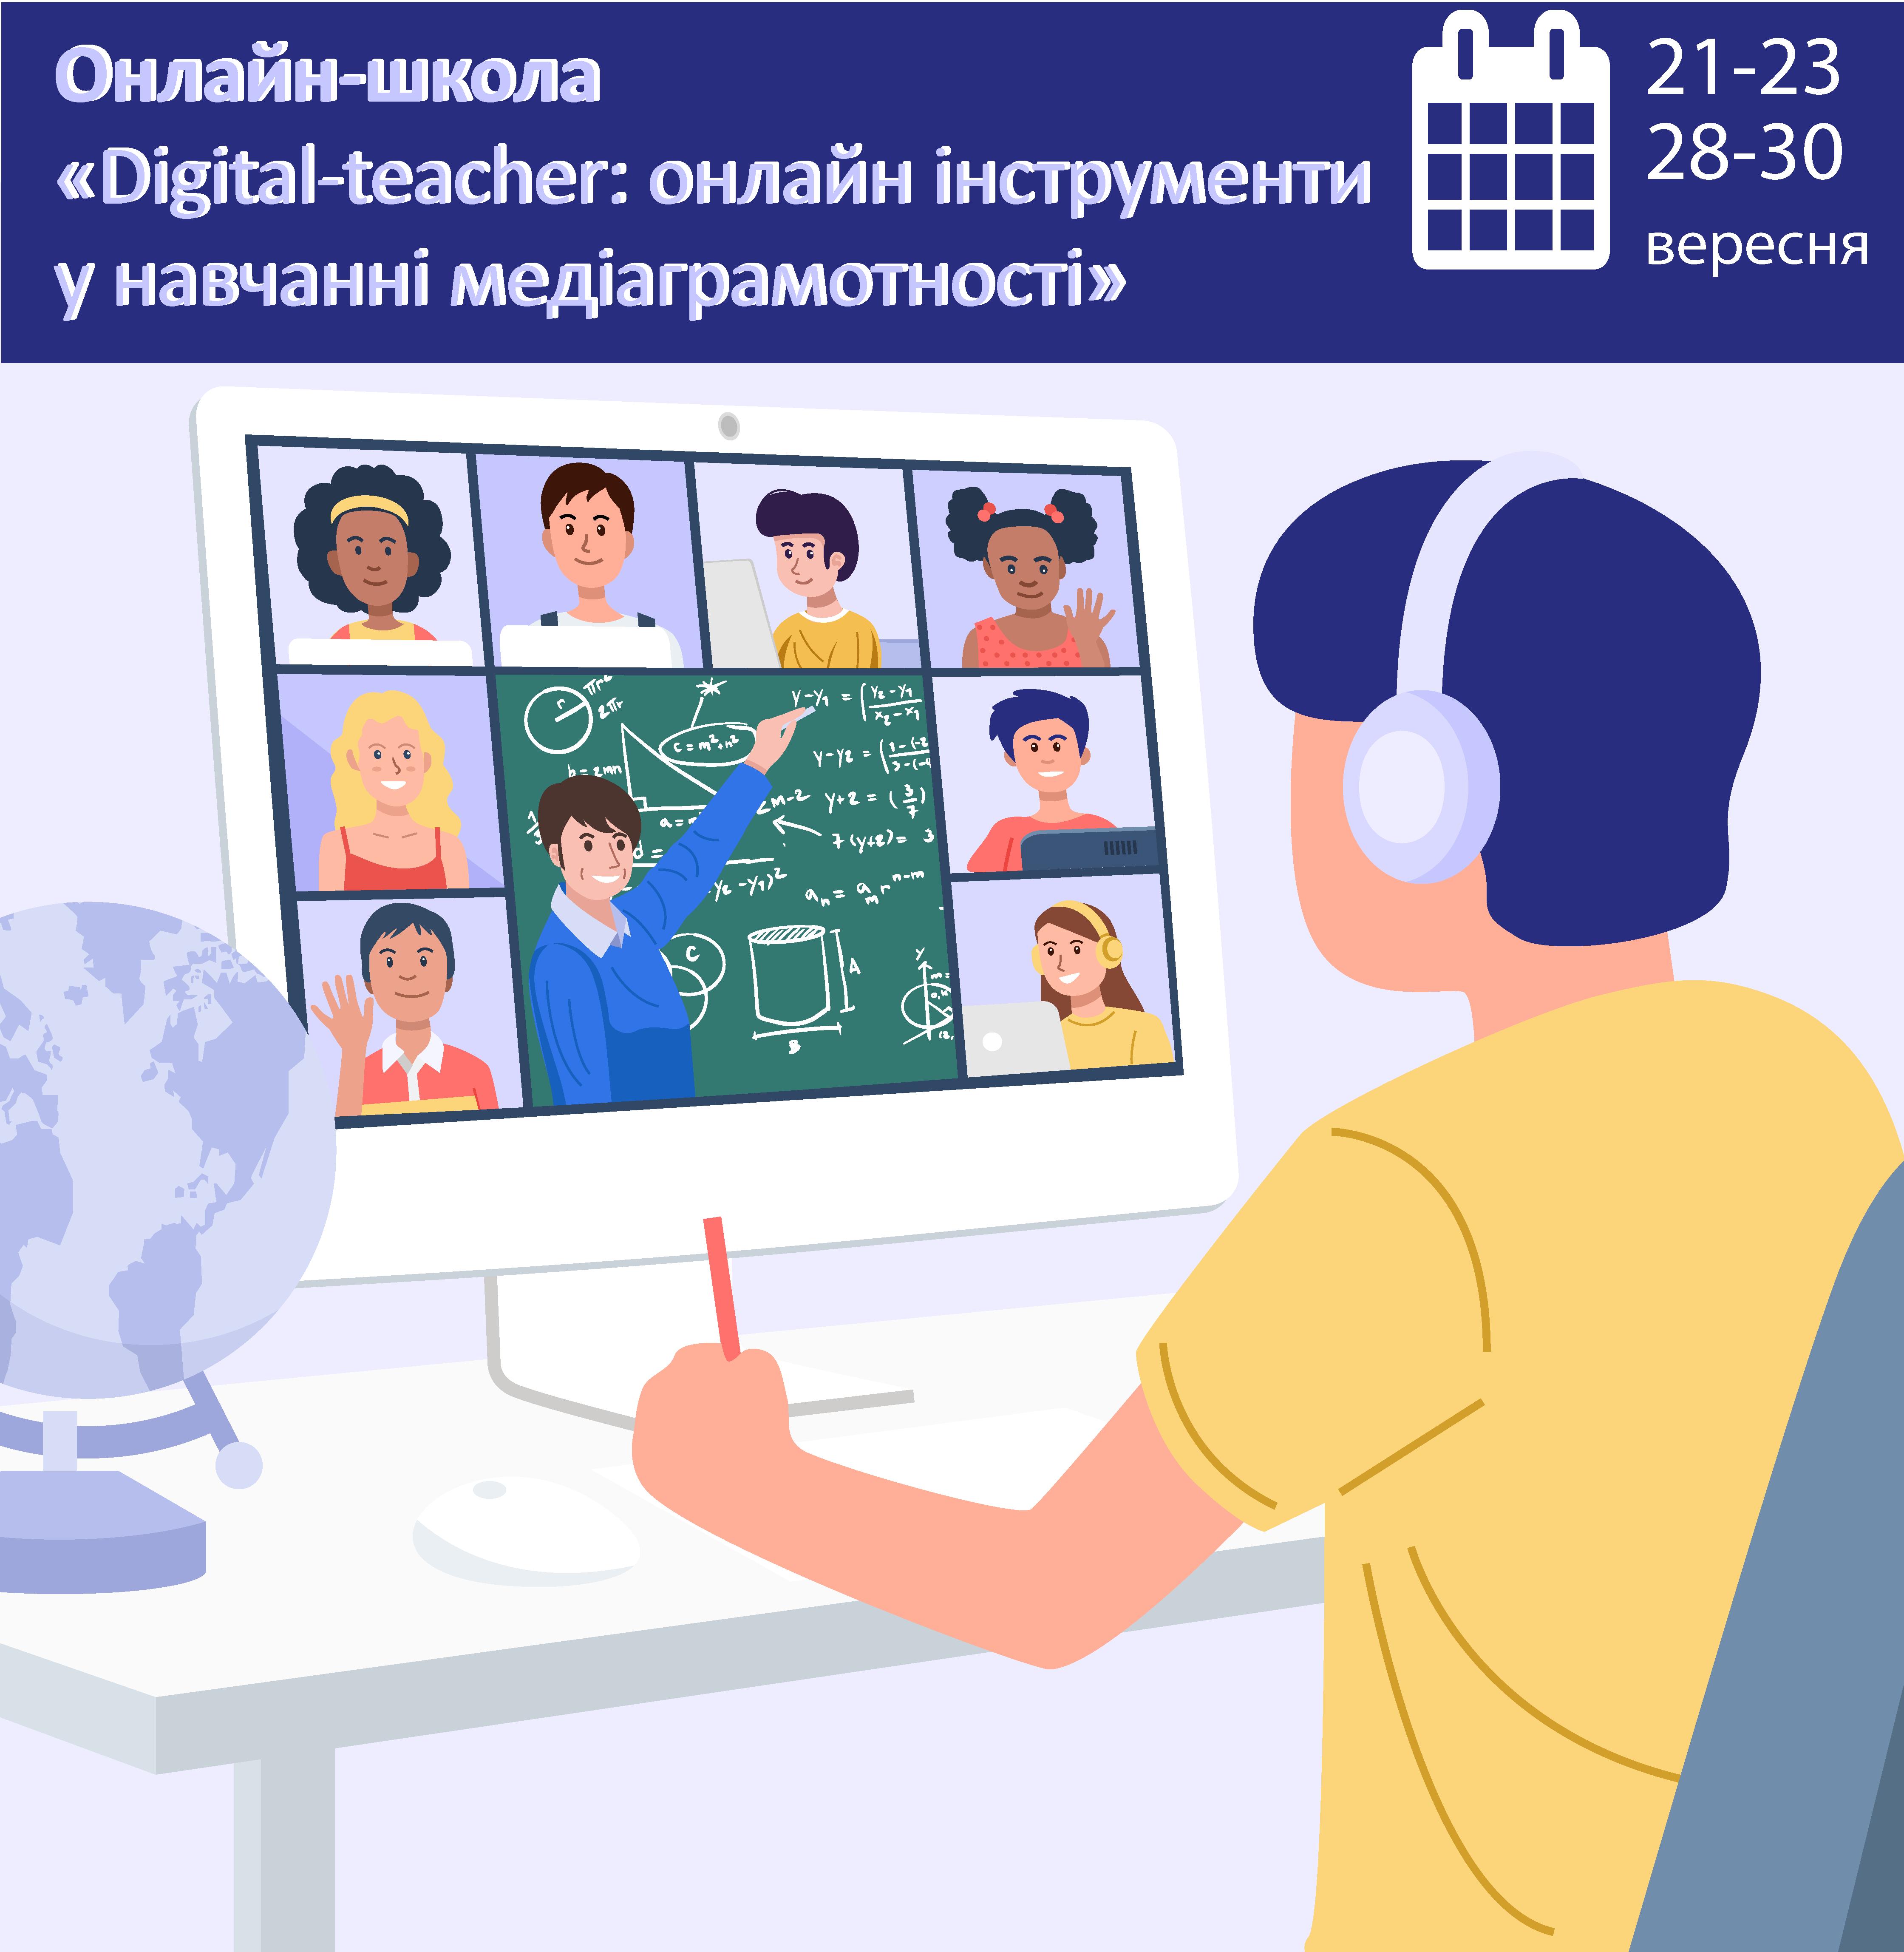 «Digital-teacher: онлайн інструменти у навчанні медіаграмотності», — Ви з нами?